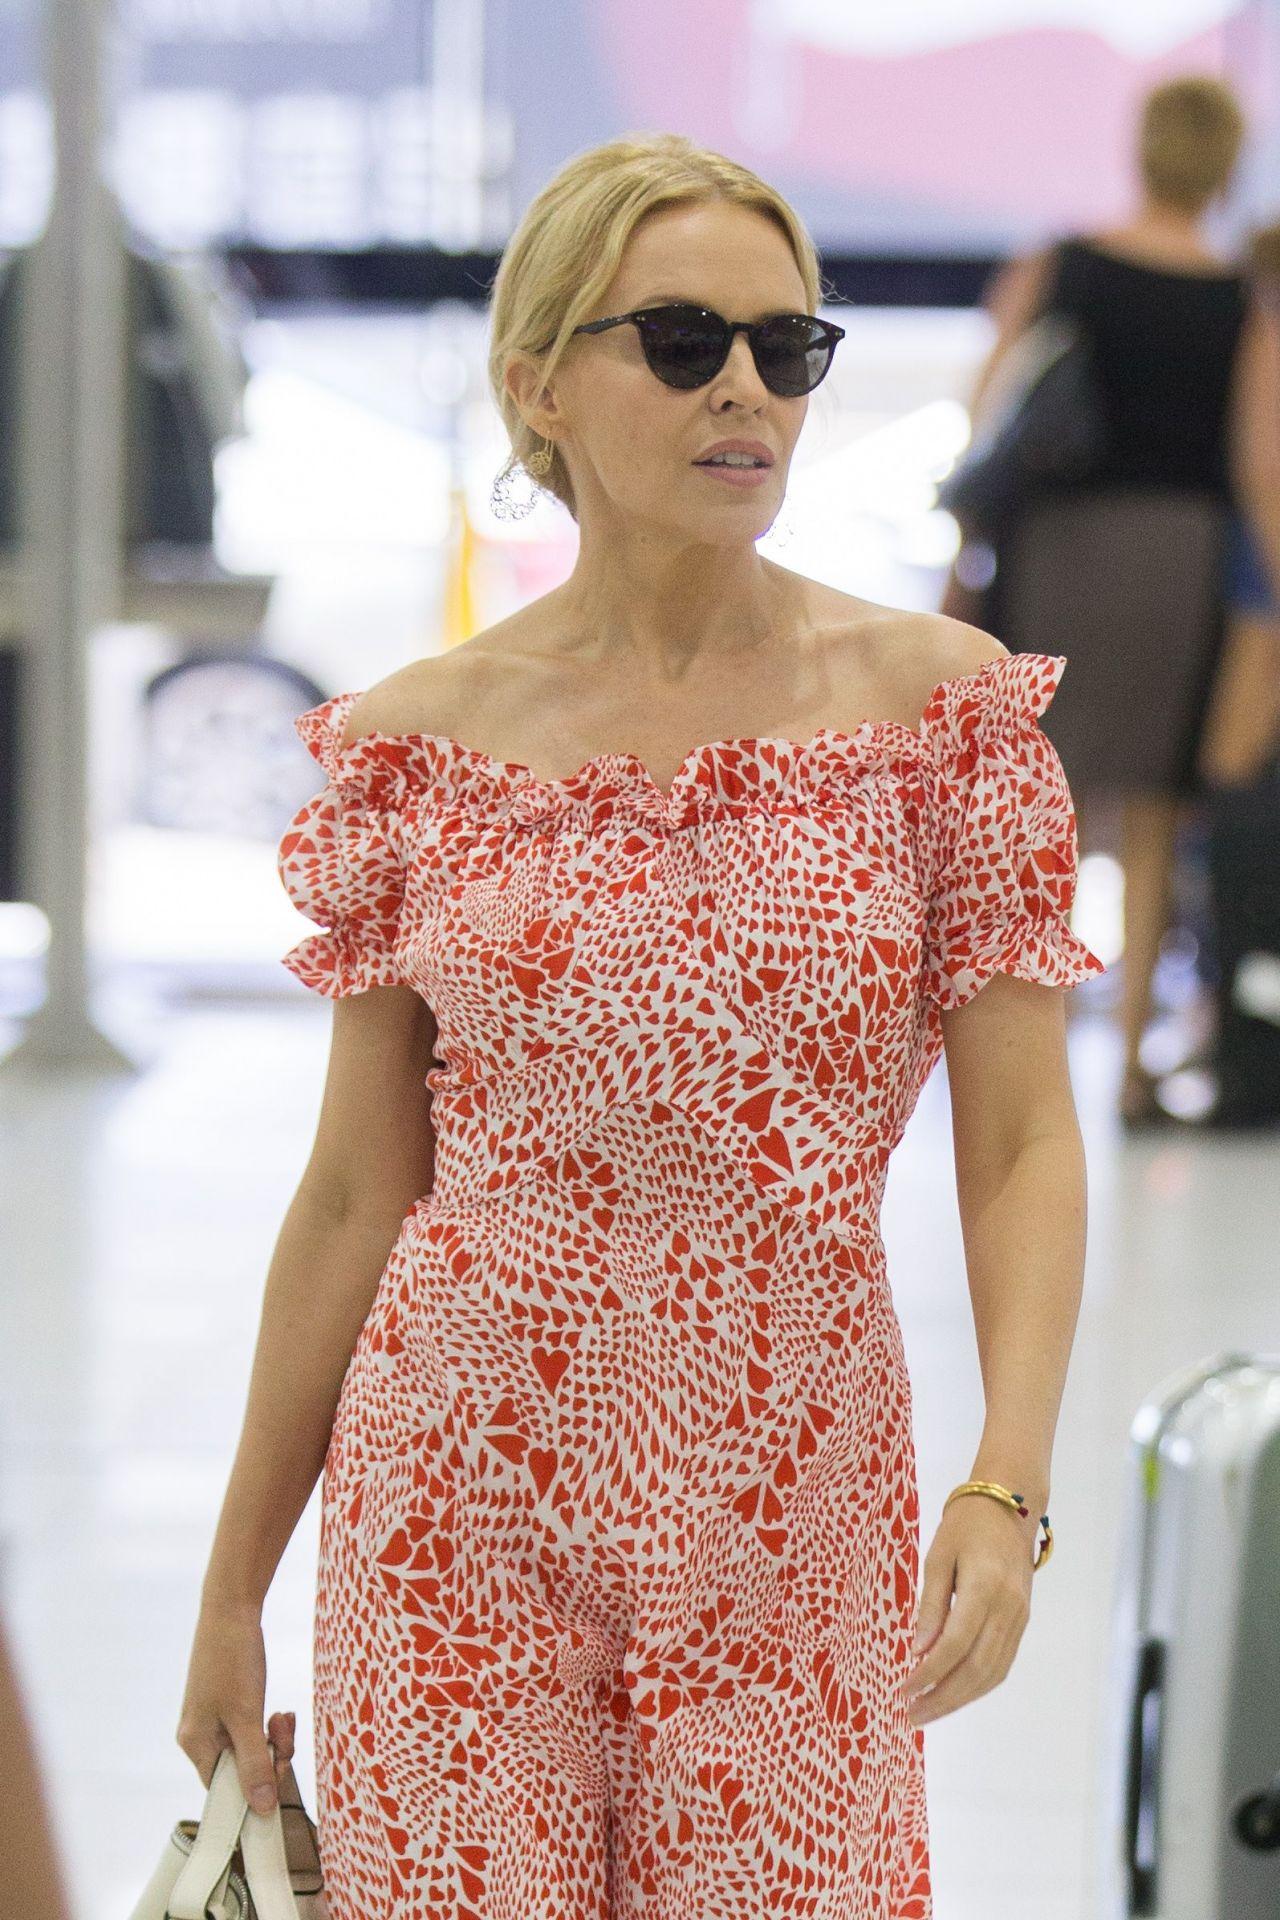 Kylie Minogue Walks Through Melbourne Airport 3 6 2017